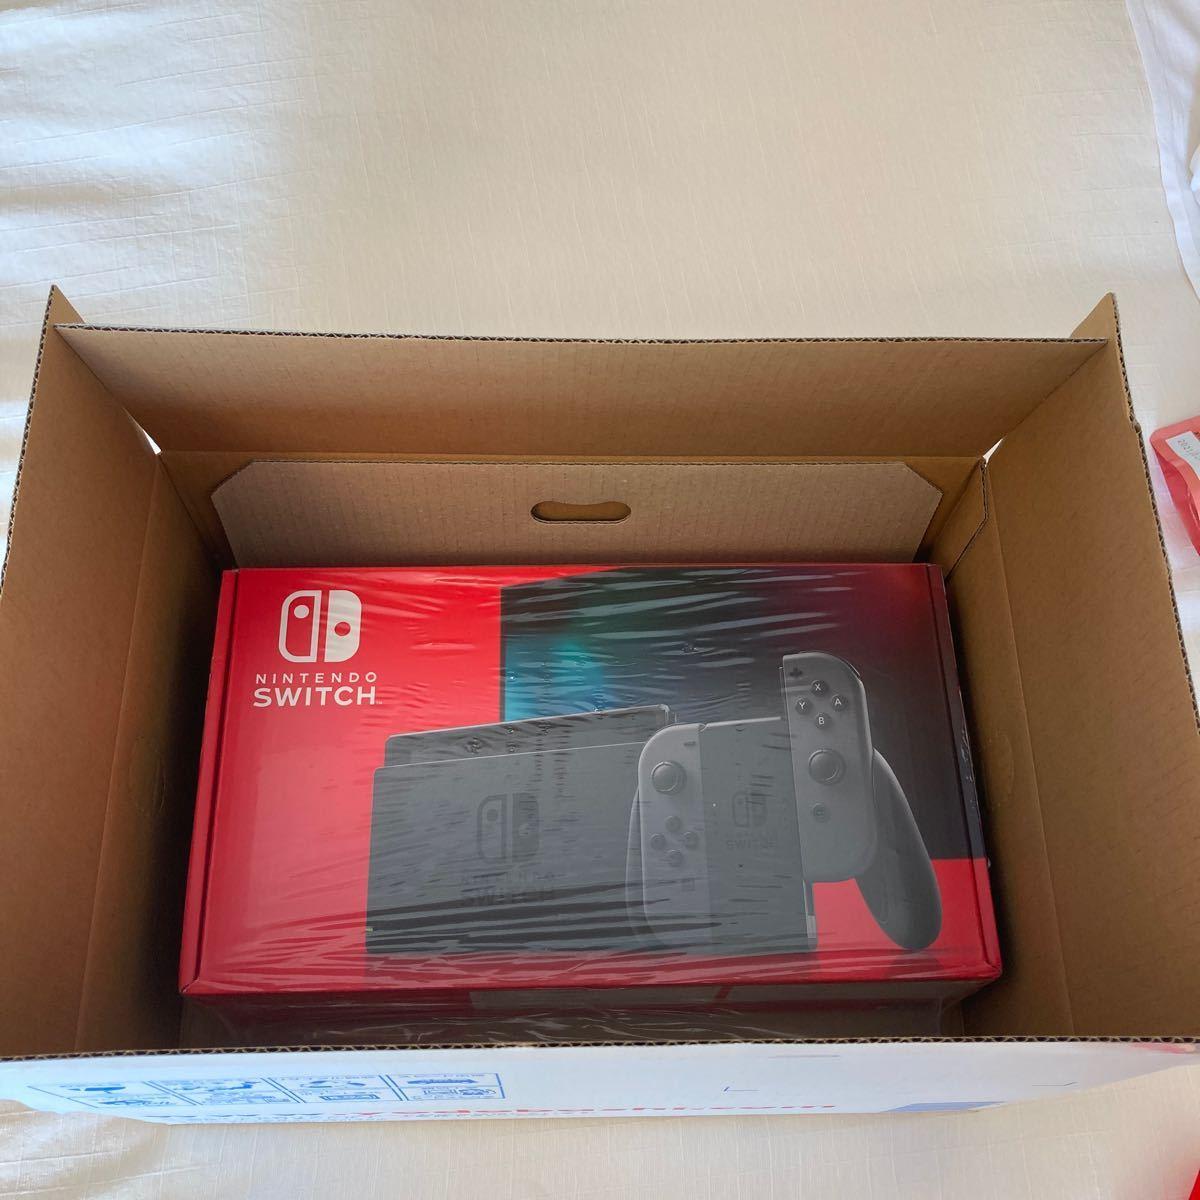 Nintendo Switch 任天堂 Switch本体 ニンテンドースイッチ本体 新品未開封